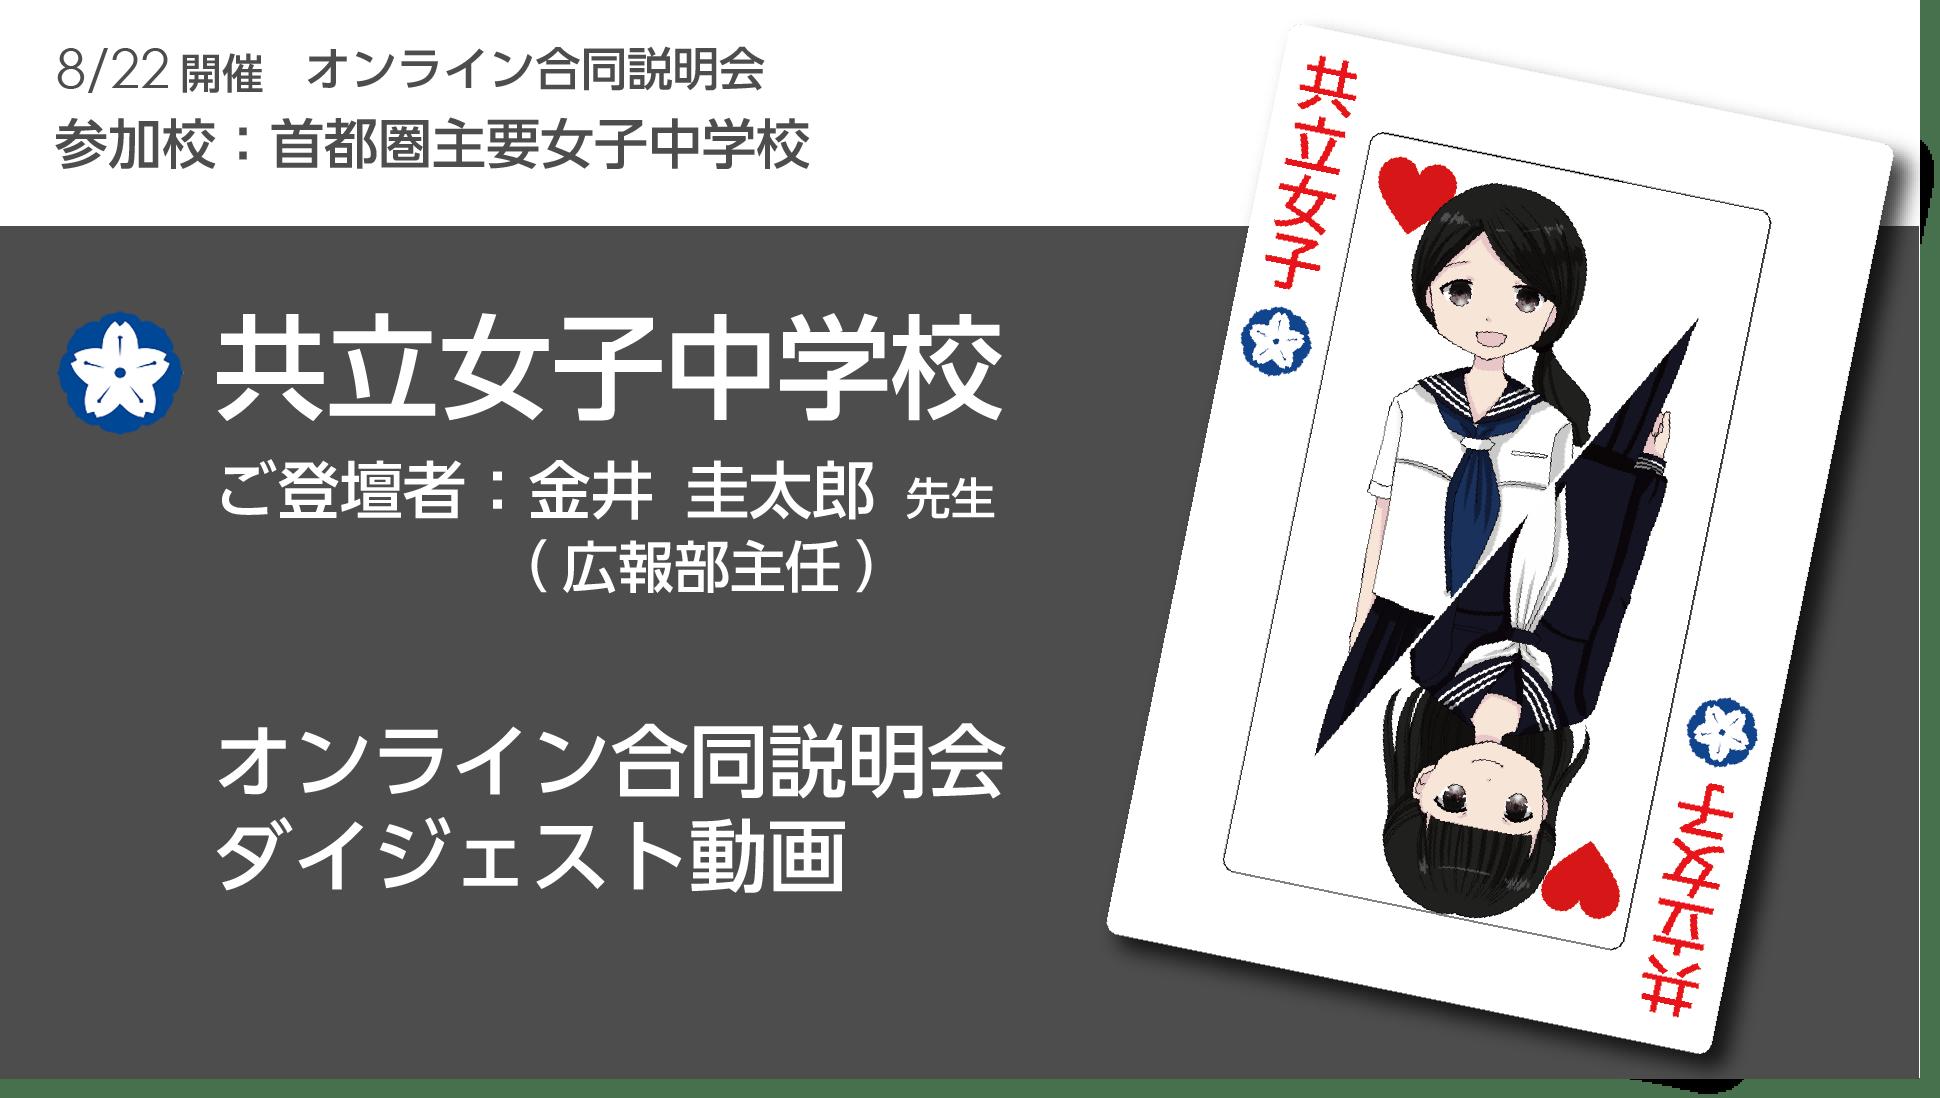 【説明会動画】2020/8/22(土) 首都圏主要女子中学校合同説明会